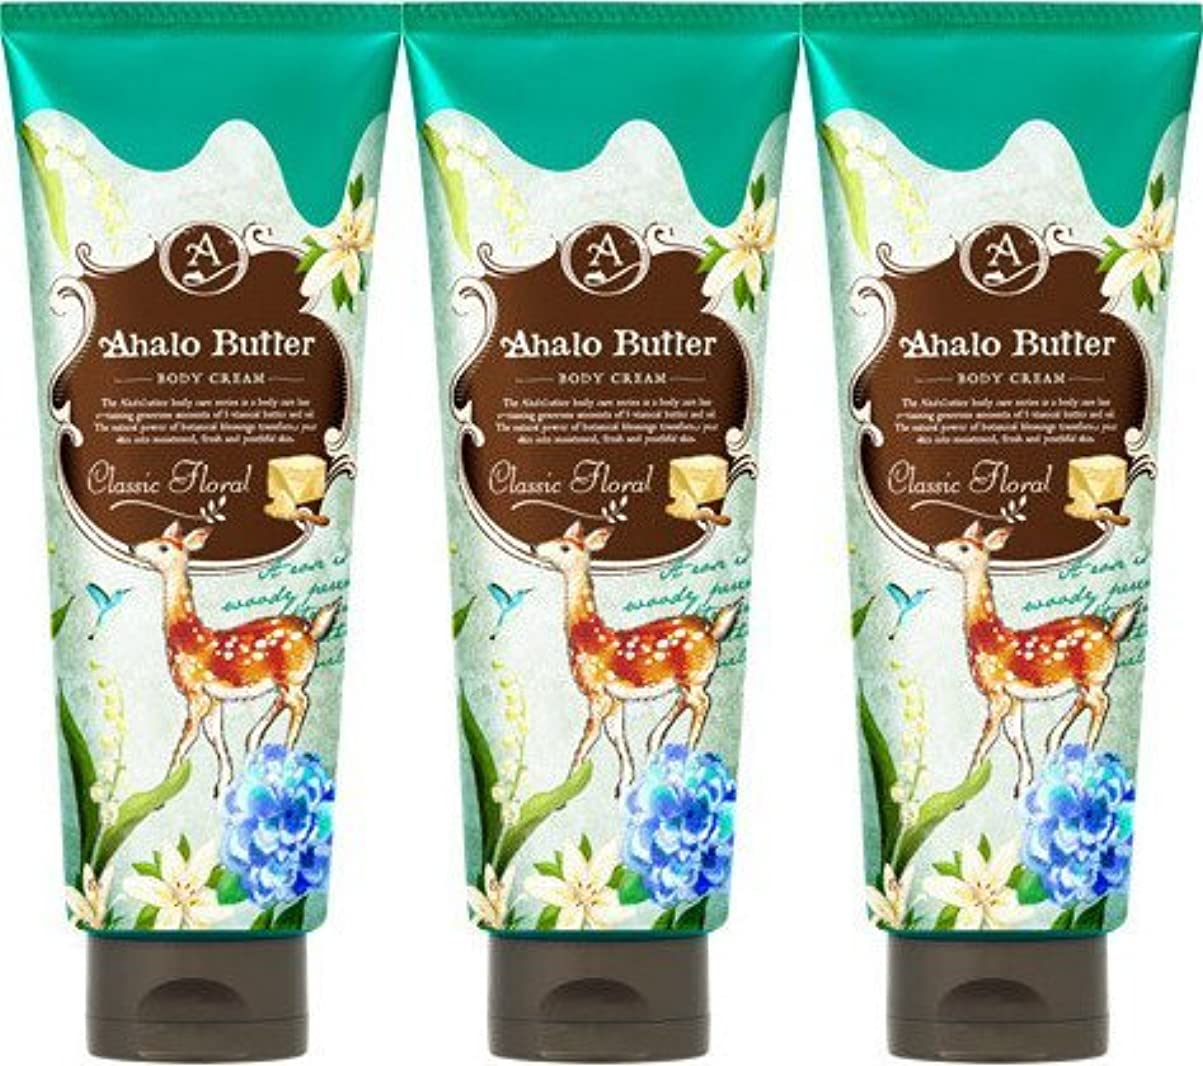 接続反対した森林【3個セット】Ahalo butter(アハロバター) ボディクリーム クラシックフローラル 150g